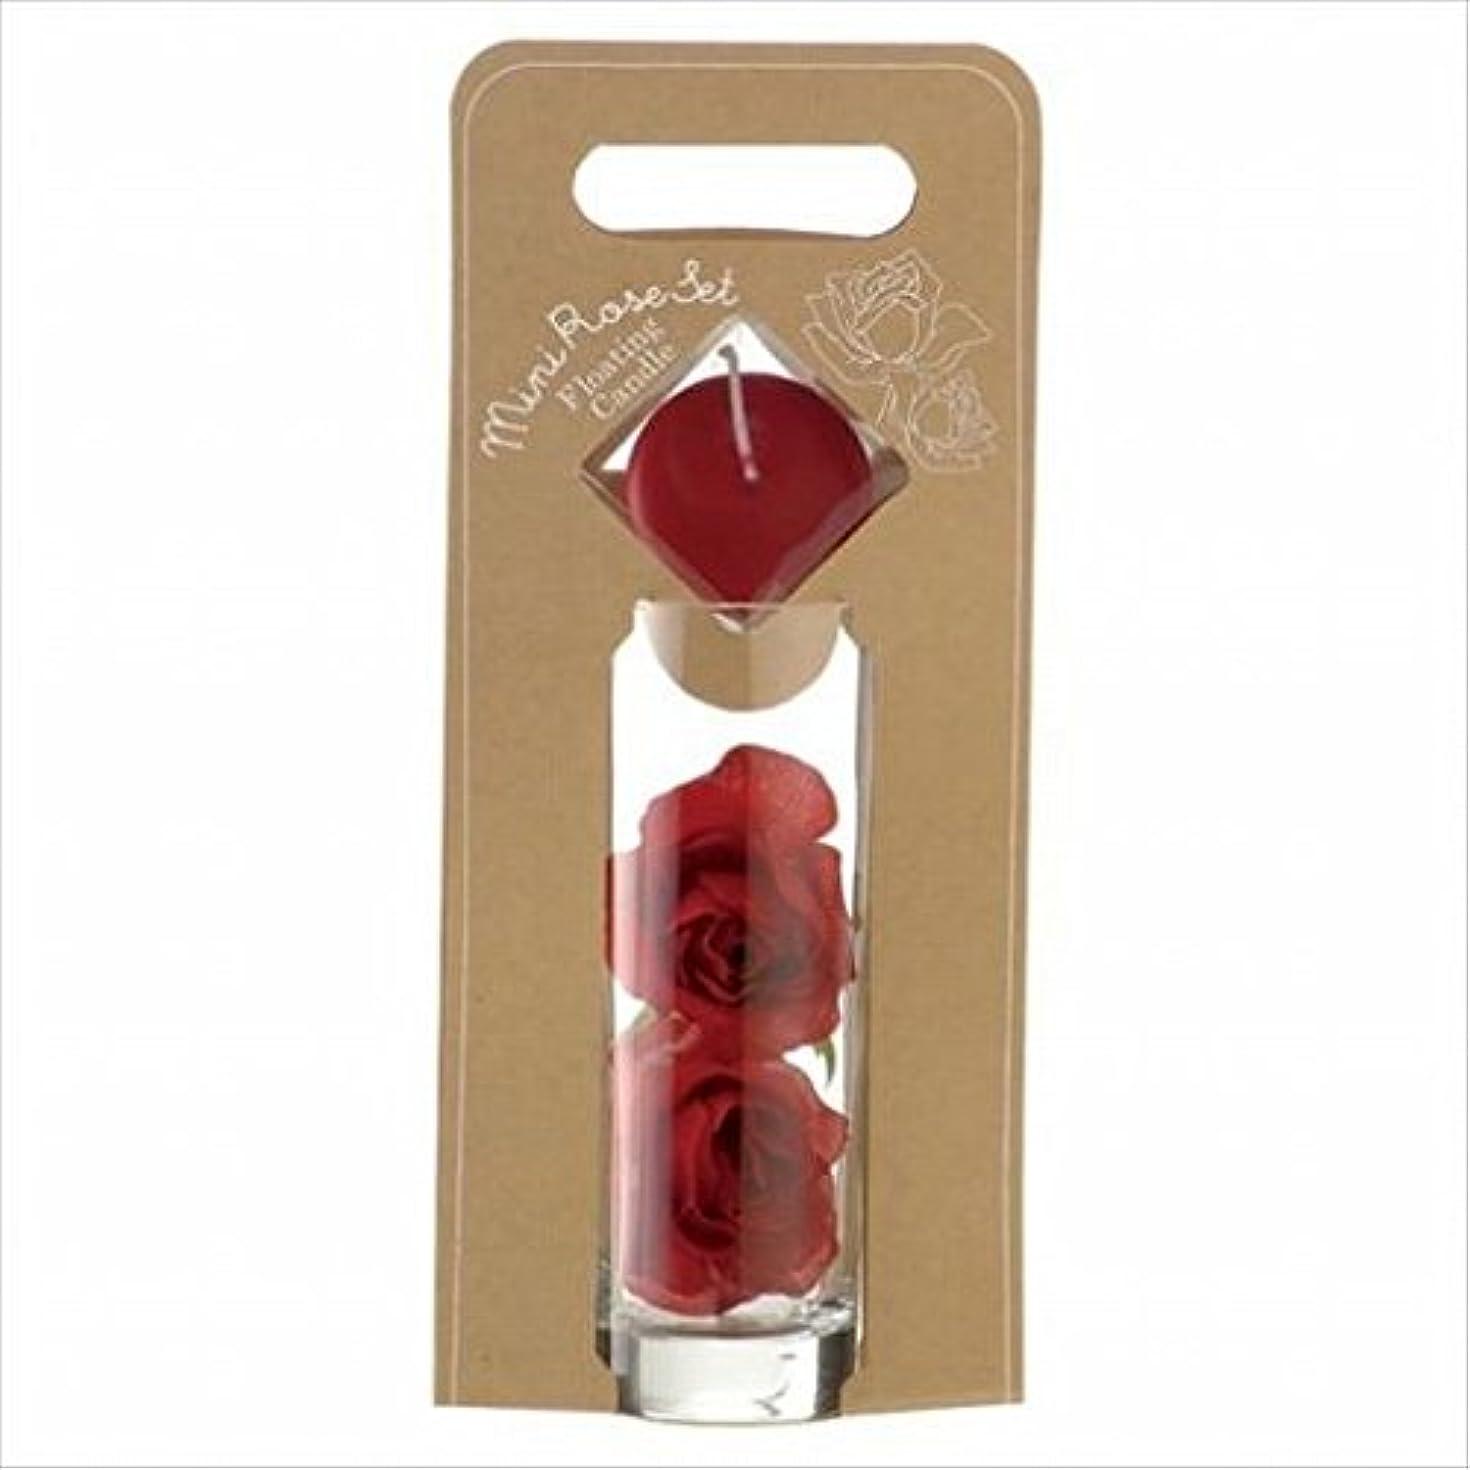 センチメートル翻訳する住人kameyama candle(カメヤマキャンドル) ミニローズセット 「 ワインレッド 」(A7620005WR)